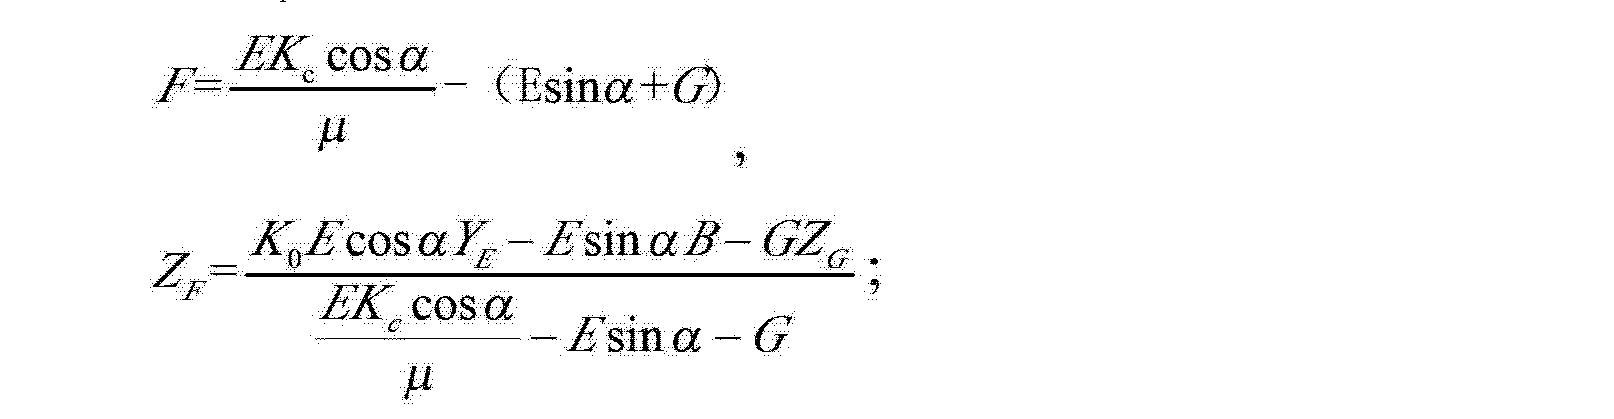 Figure CN103352477AC00022